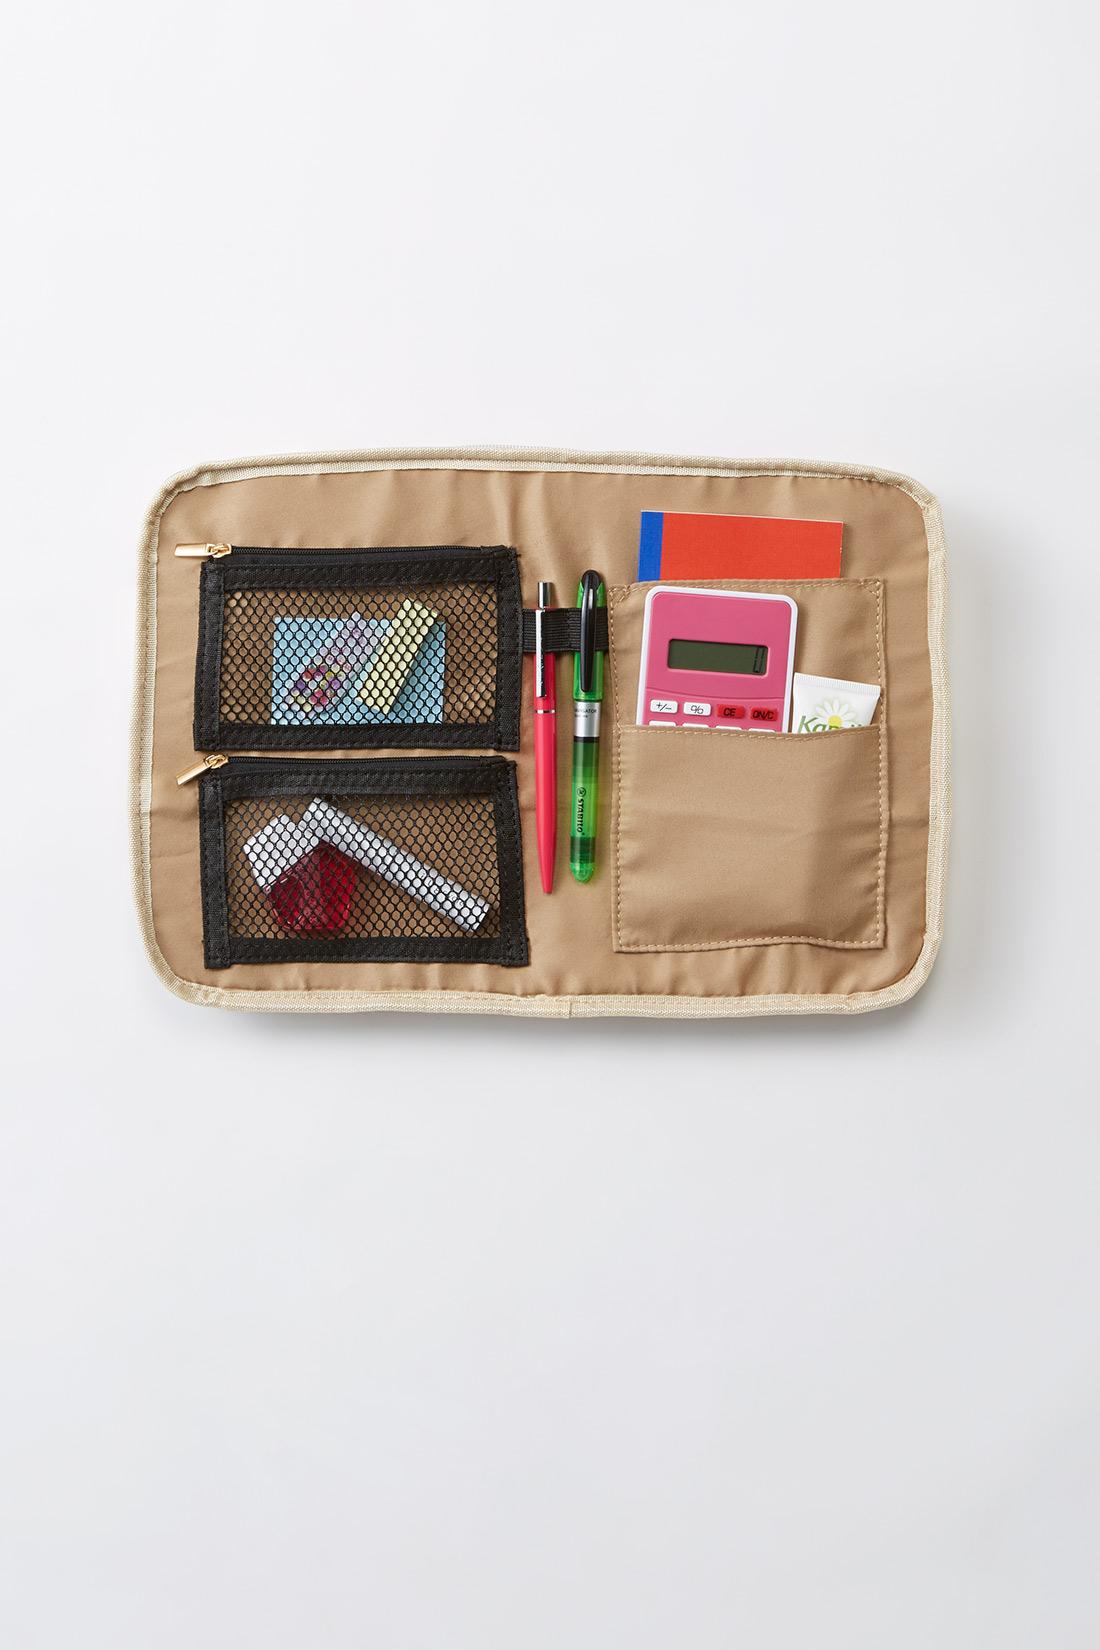 メッシュポケット二つ、手帳などが入るポケット一つ、電卓などが入る小さめポケットが一つ。真ん中にはペンをさせる指定席も。 ※裏返して撮影しています。お届けするカラーとは異なります。